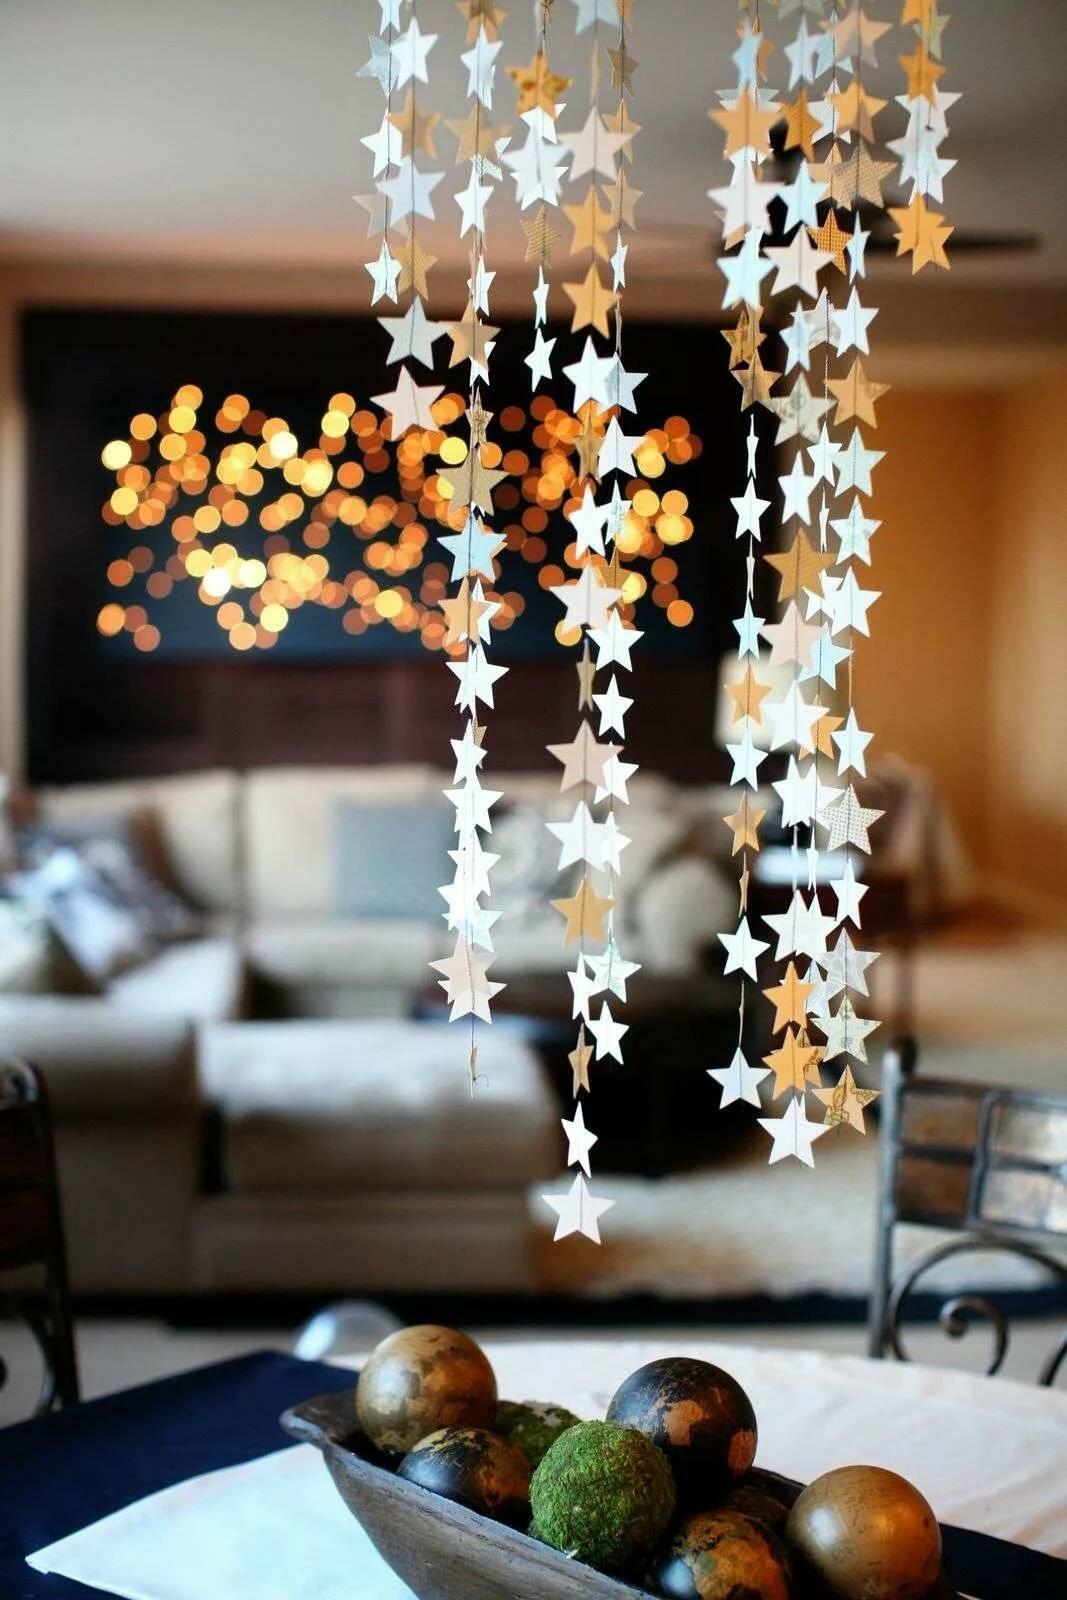 Необычные идеи изготовления новогодней светодиодной гирлянды своими руками